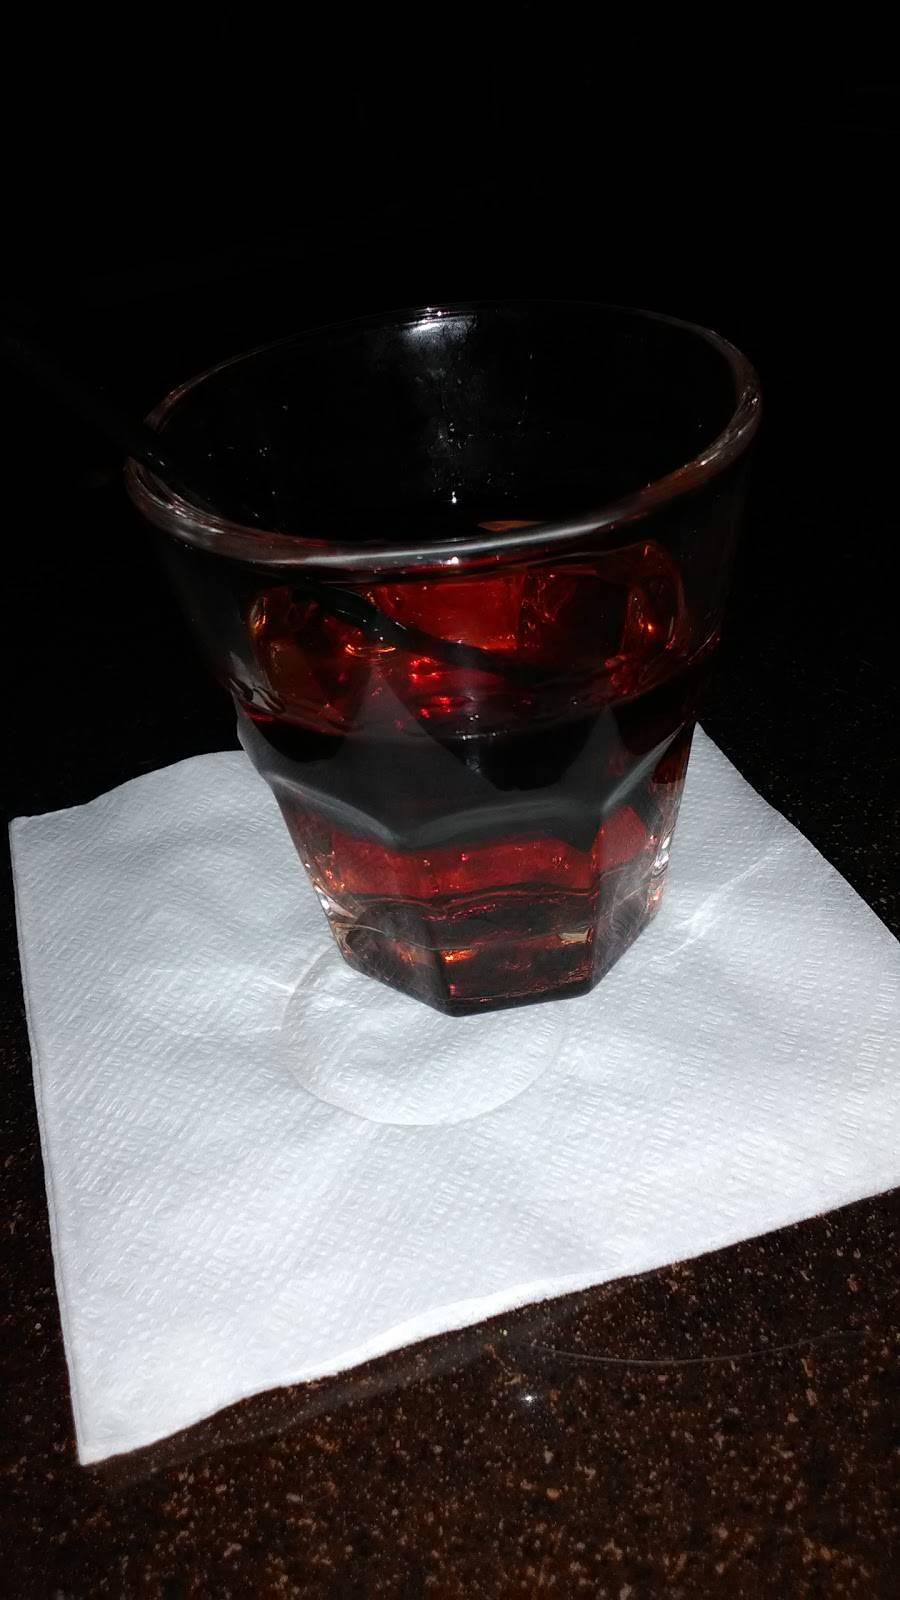 Eye Candy Lounge | night club | 409 Eastern Blvd, Essex, MD 21221, USA | 4432315178 OR +1 443-231-5178